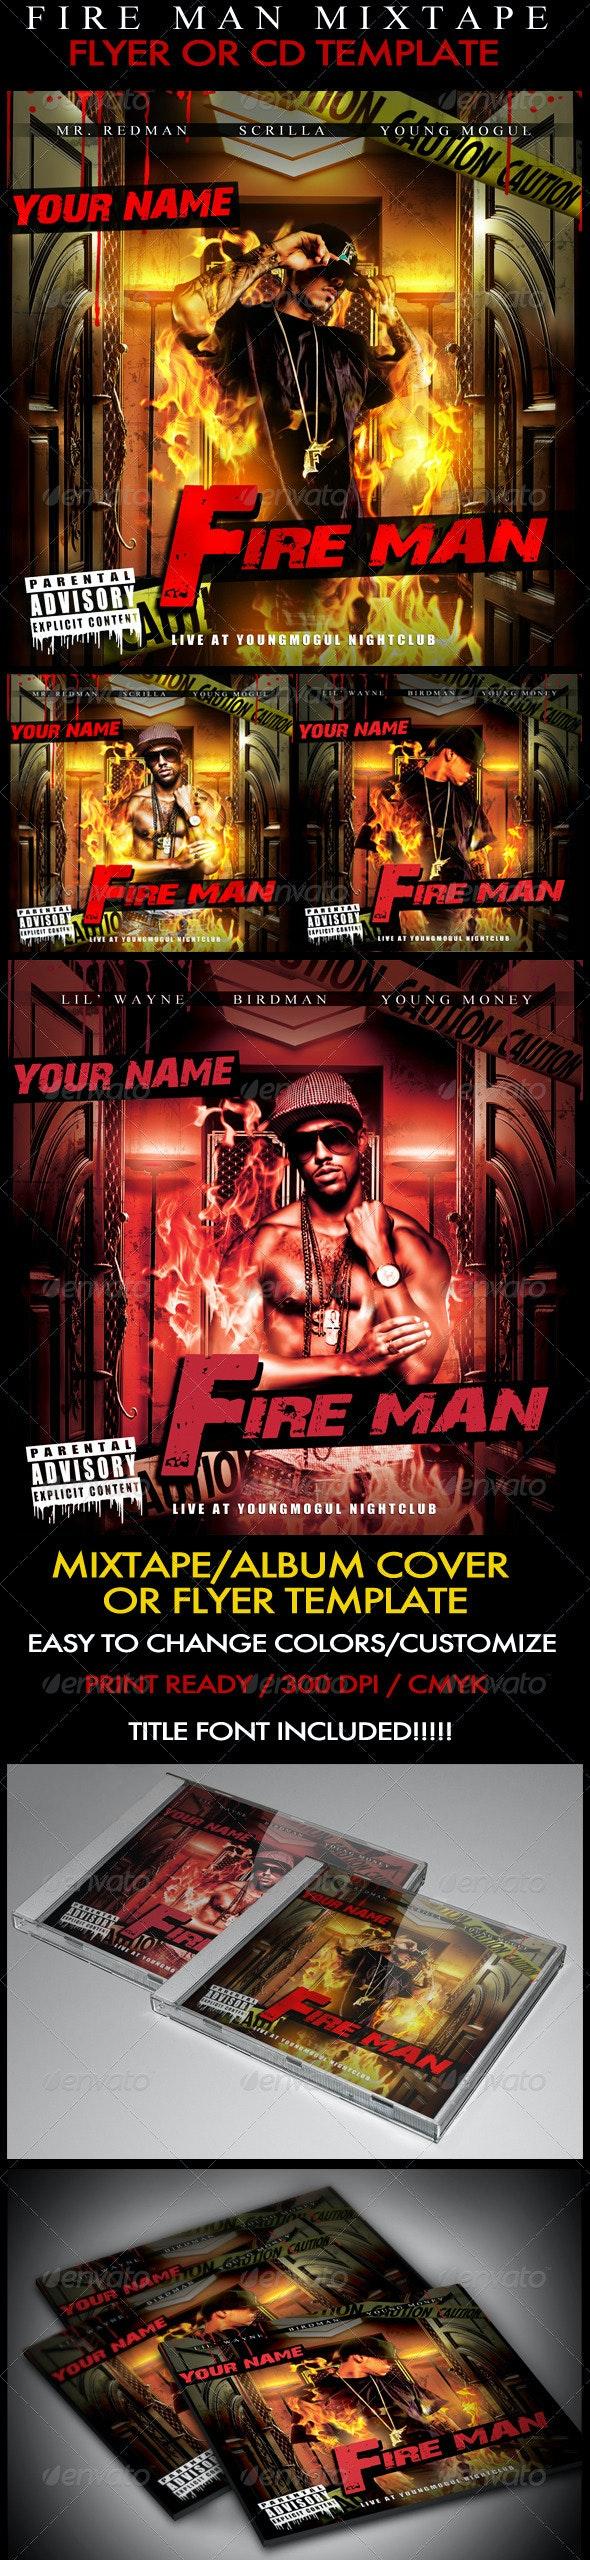 Fire Man Mixtape / Flyer or CD Template - CD & DVD Artwork Print Templates